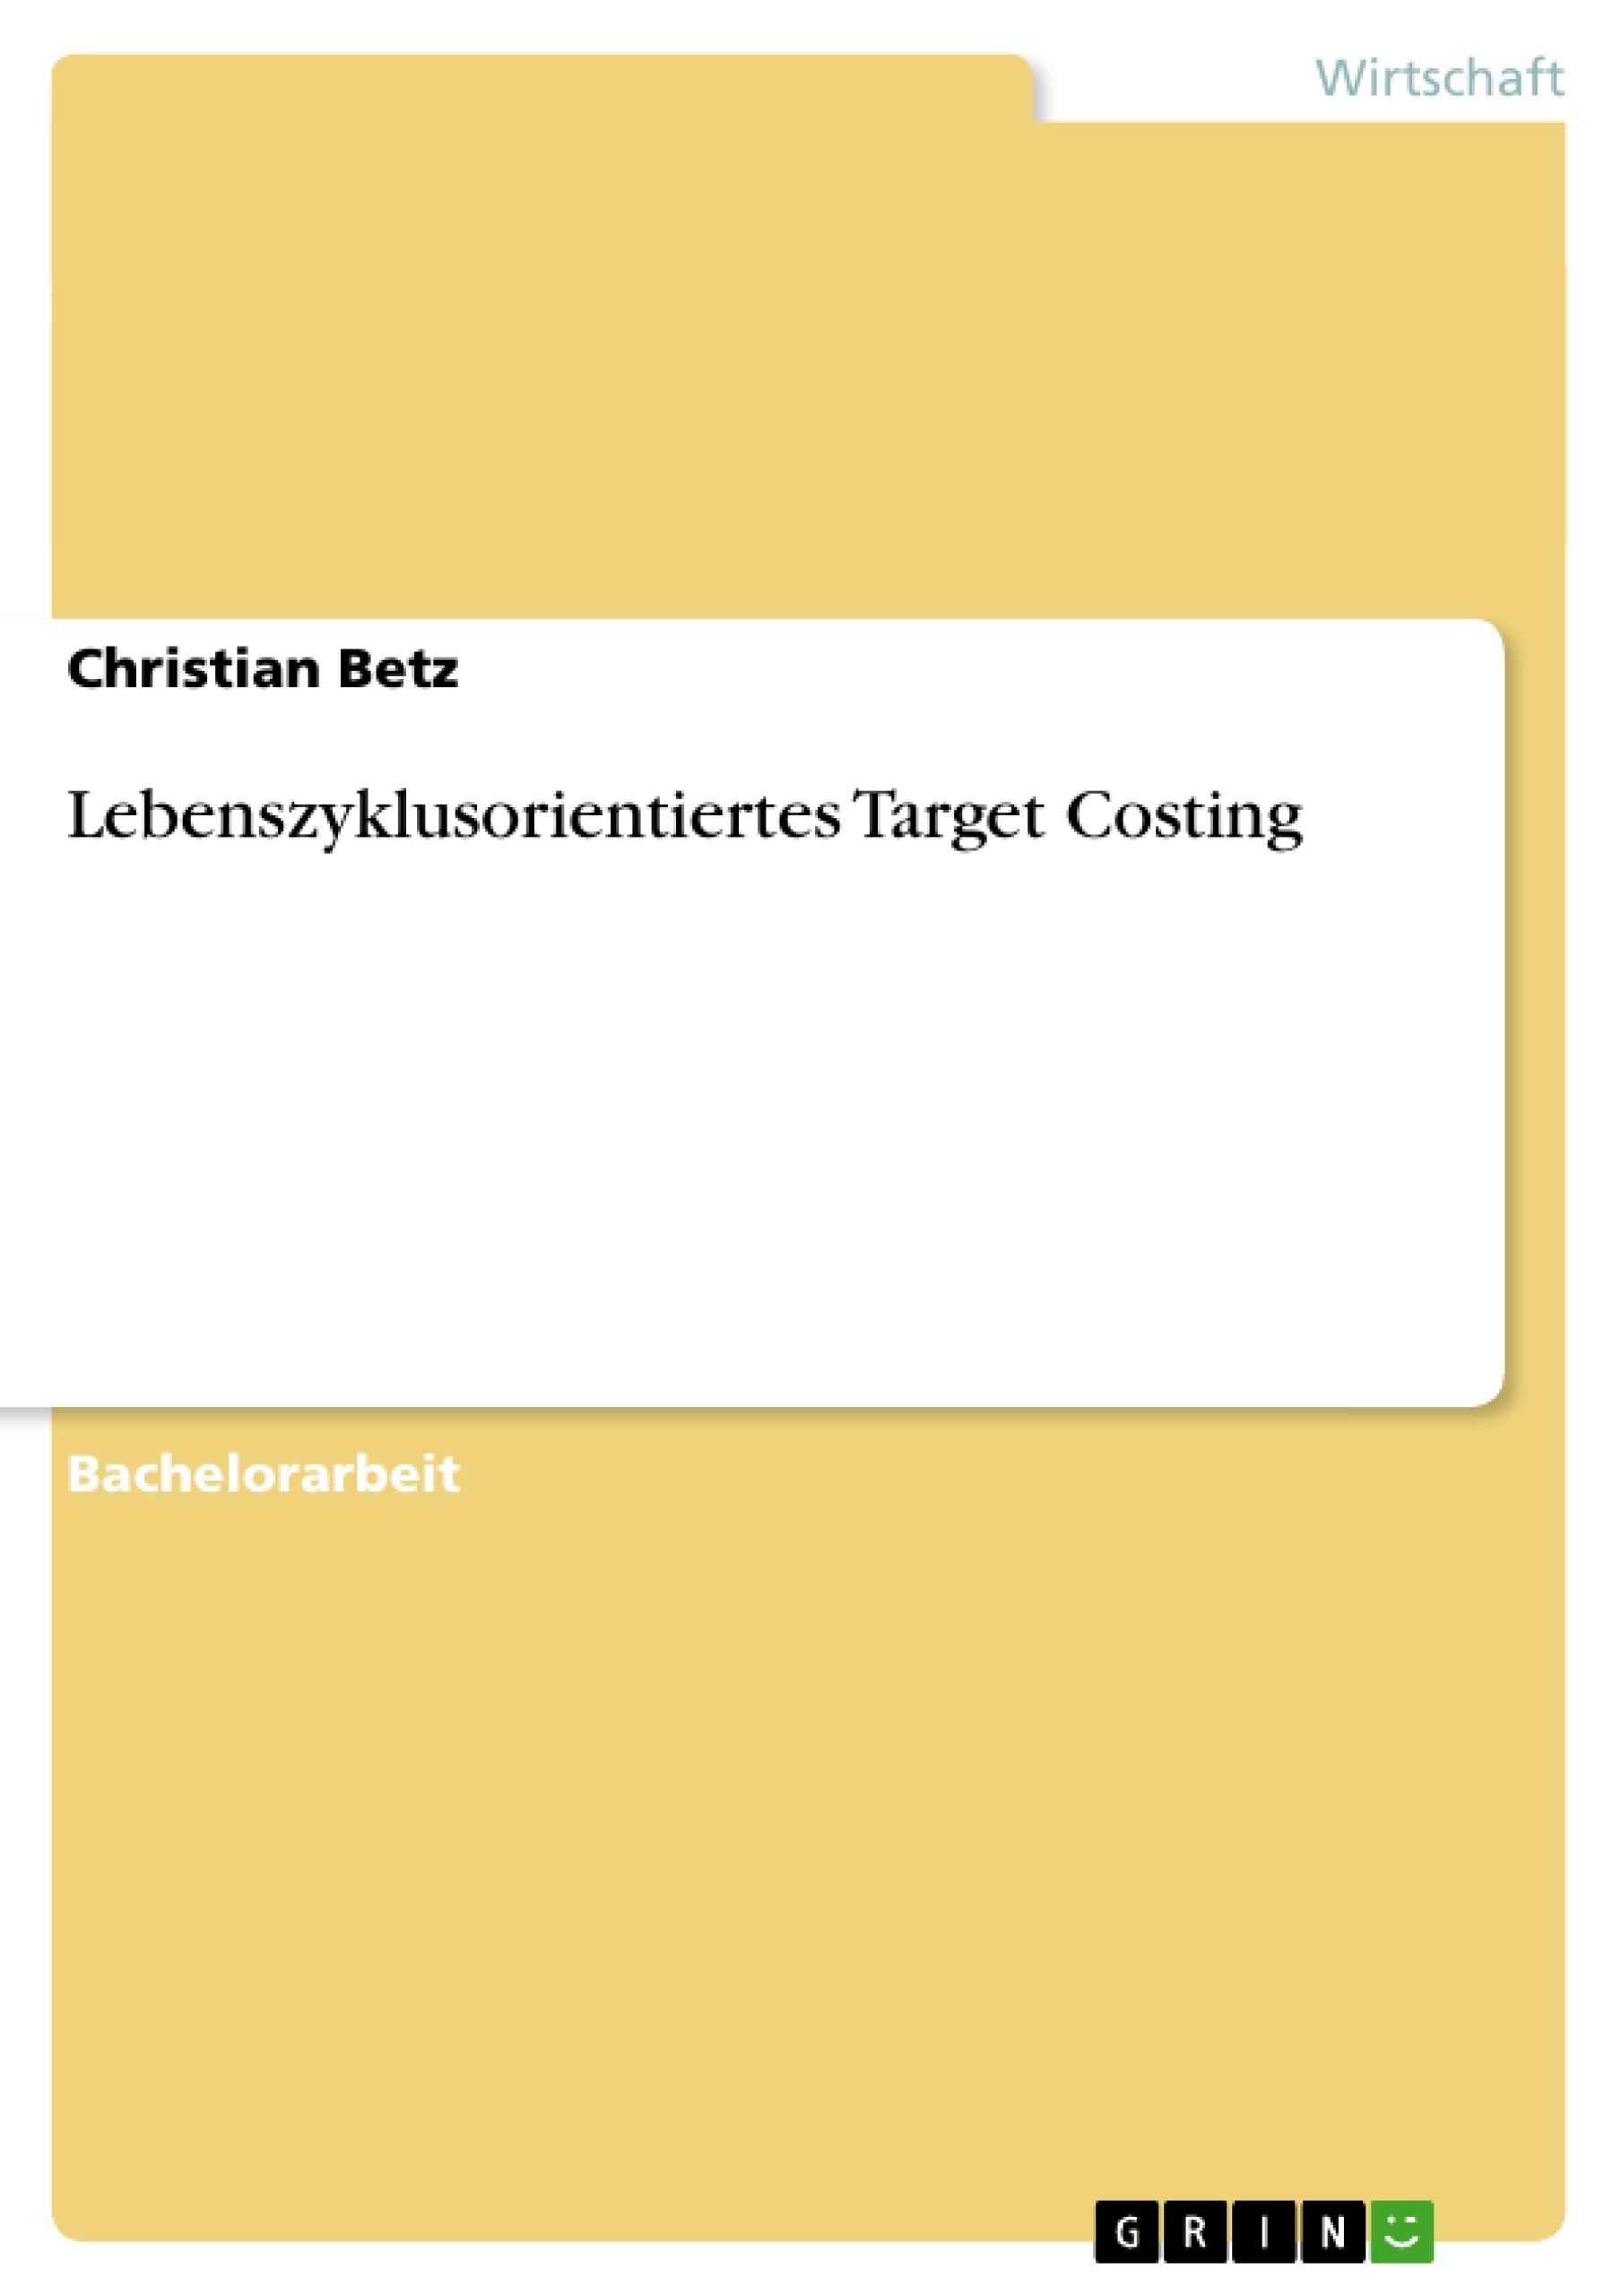 Titel: Lebenszyklusorientiertes Target Costing